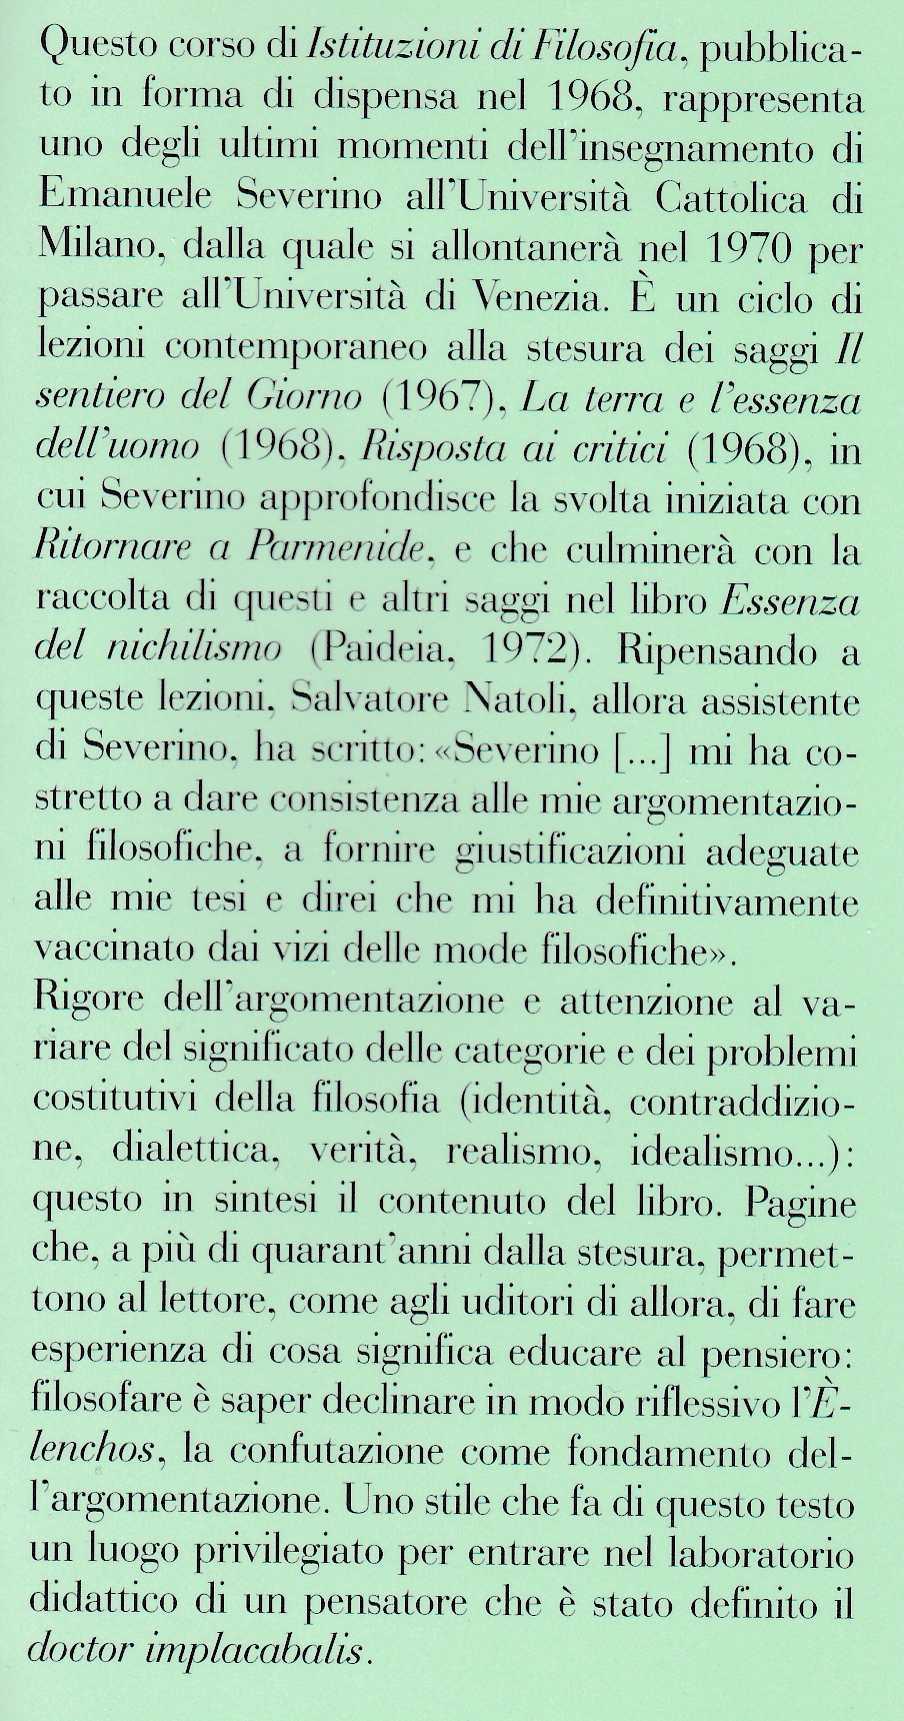 istituzioni-filosofia039